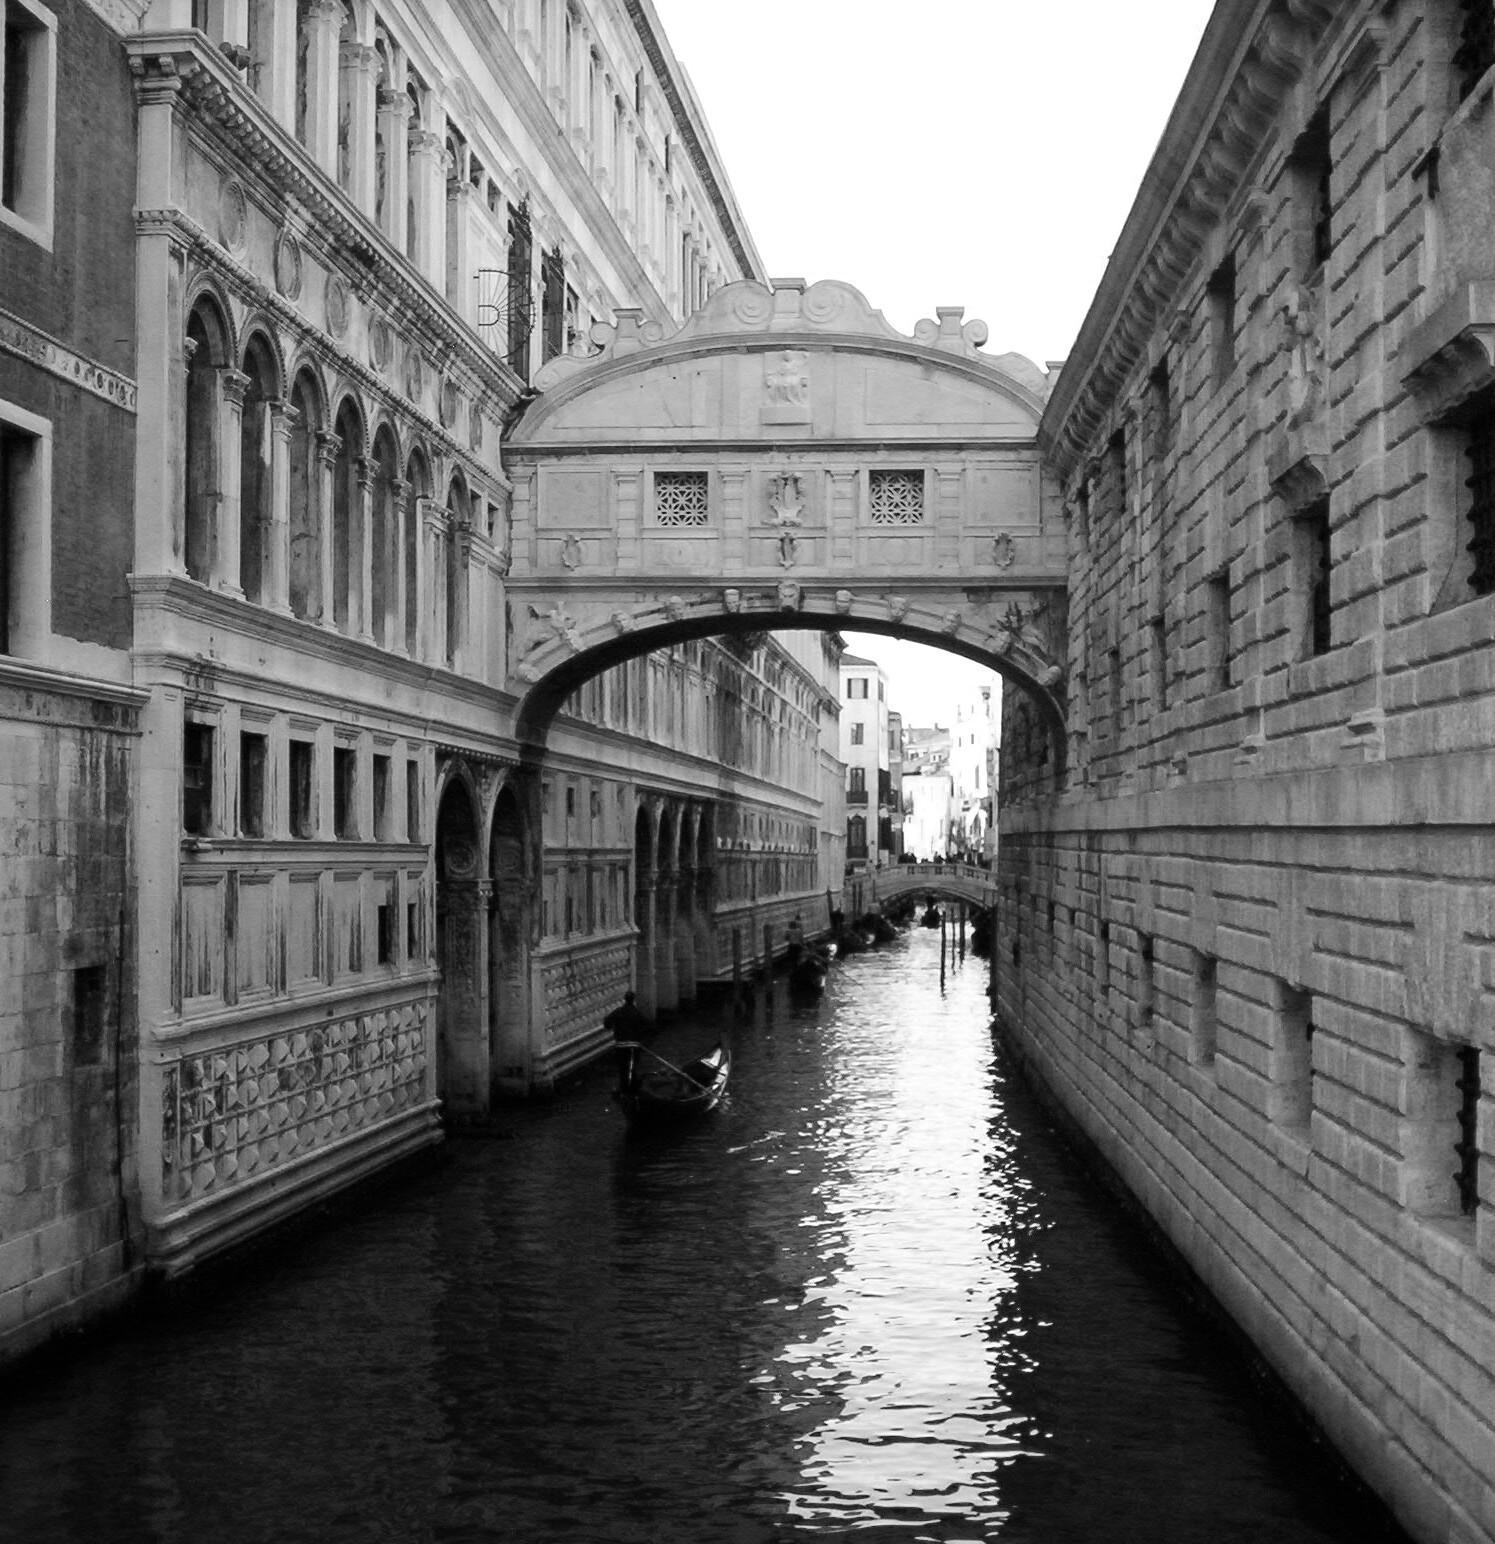 делом черно белые фото картины италия города средневековое